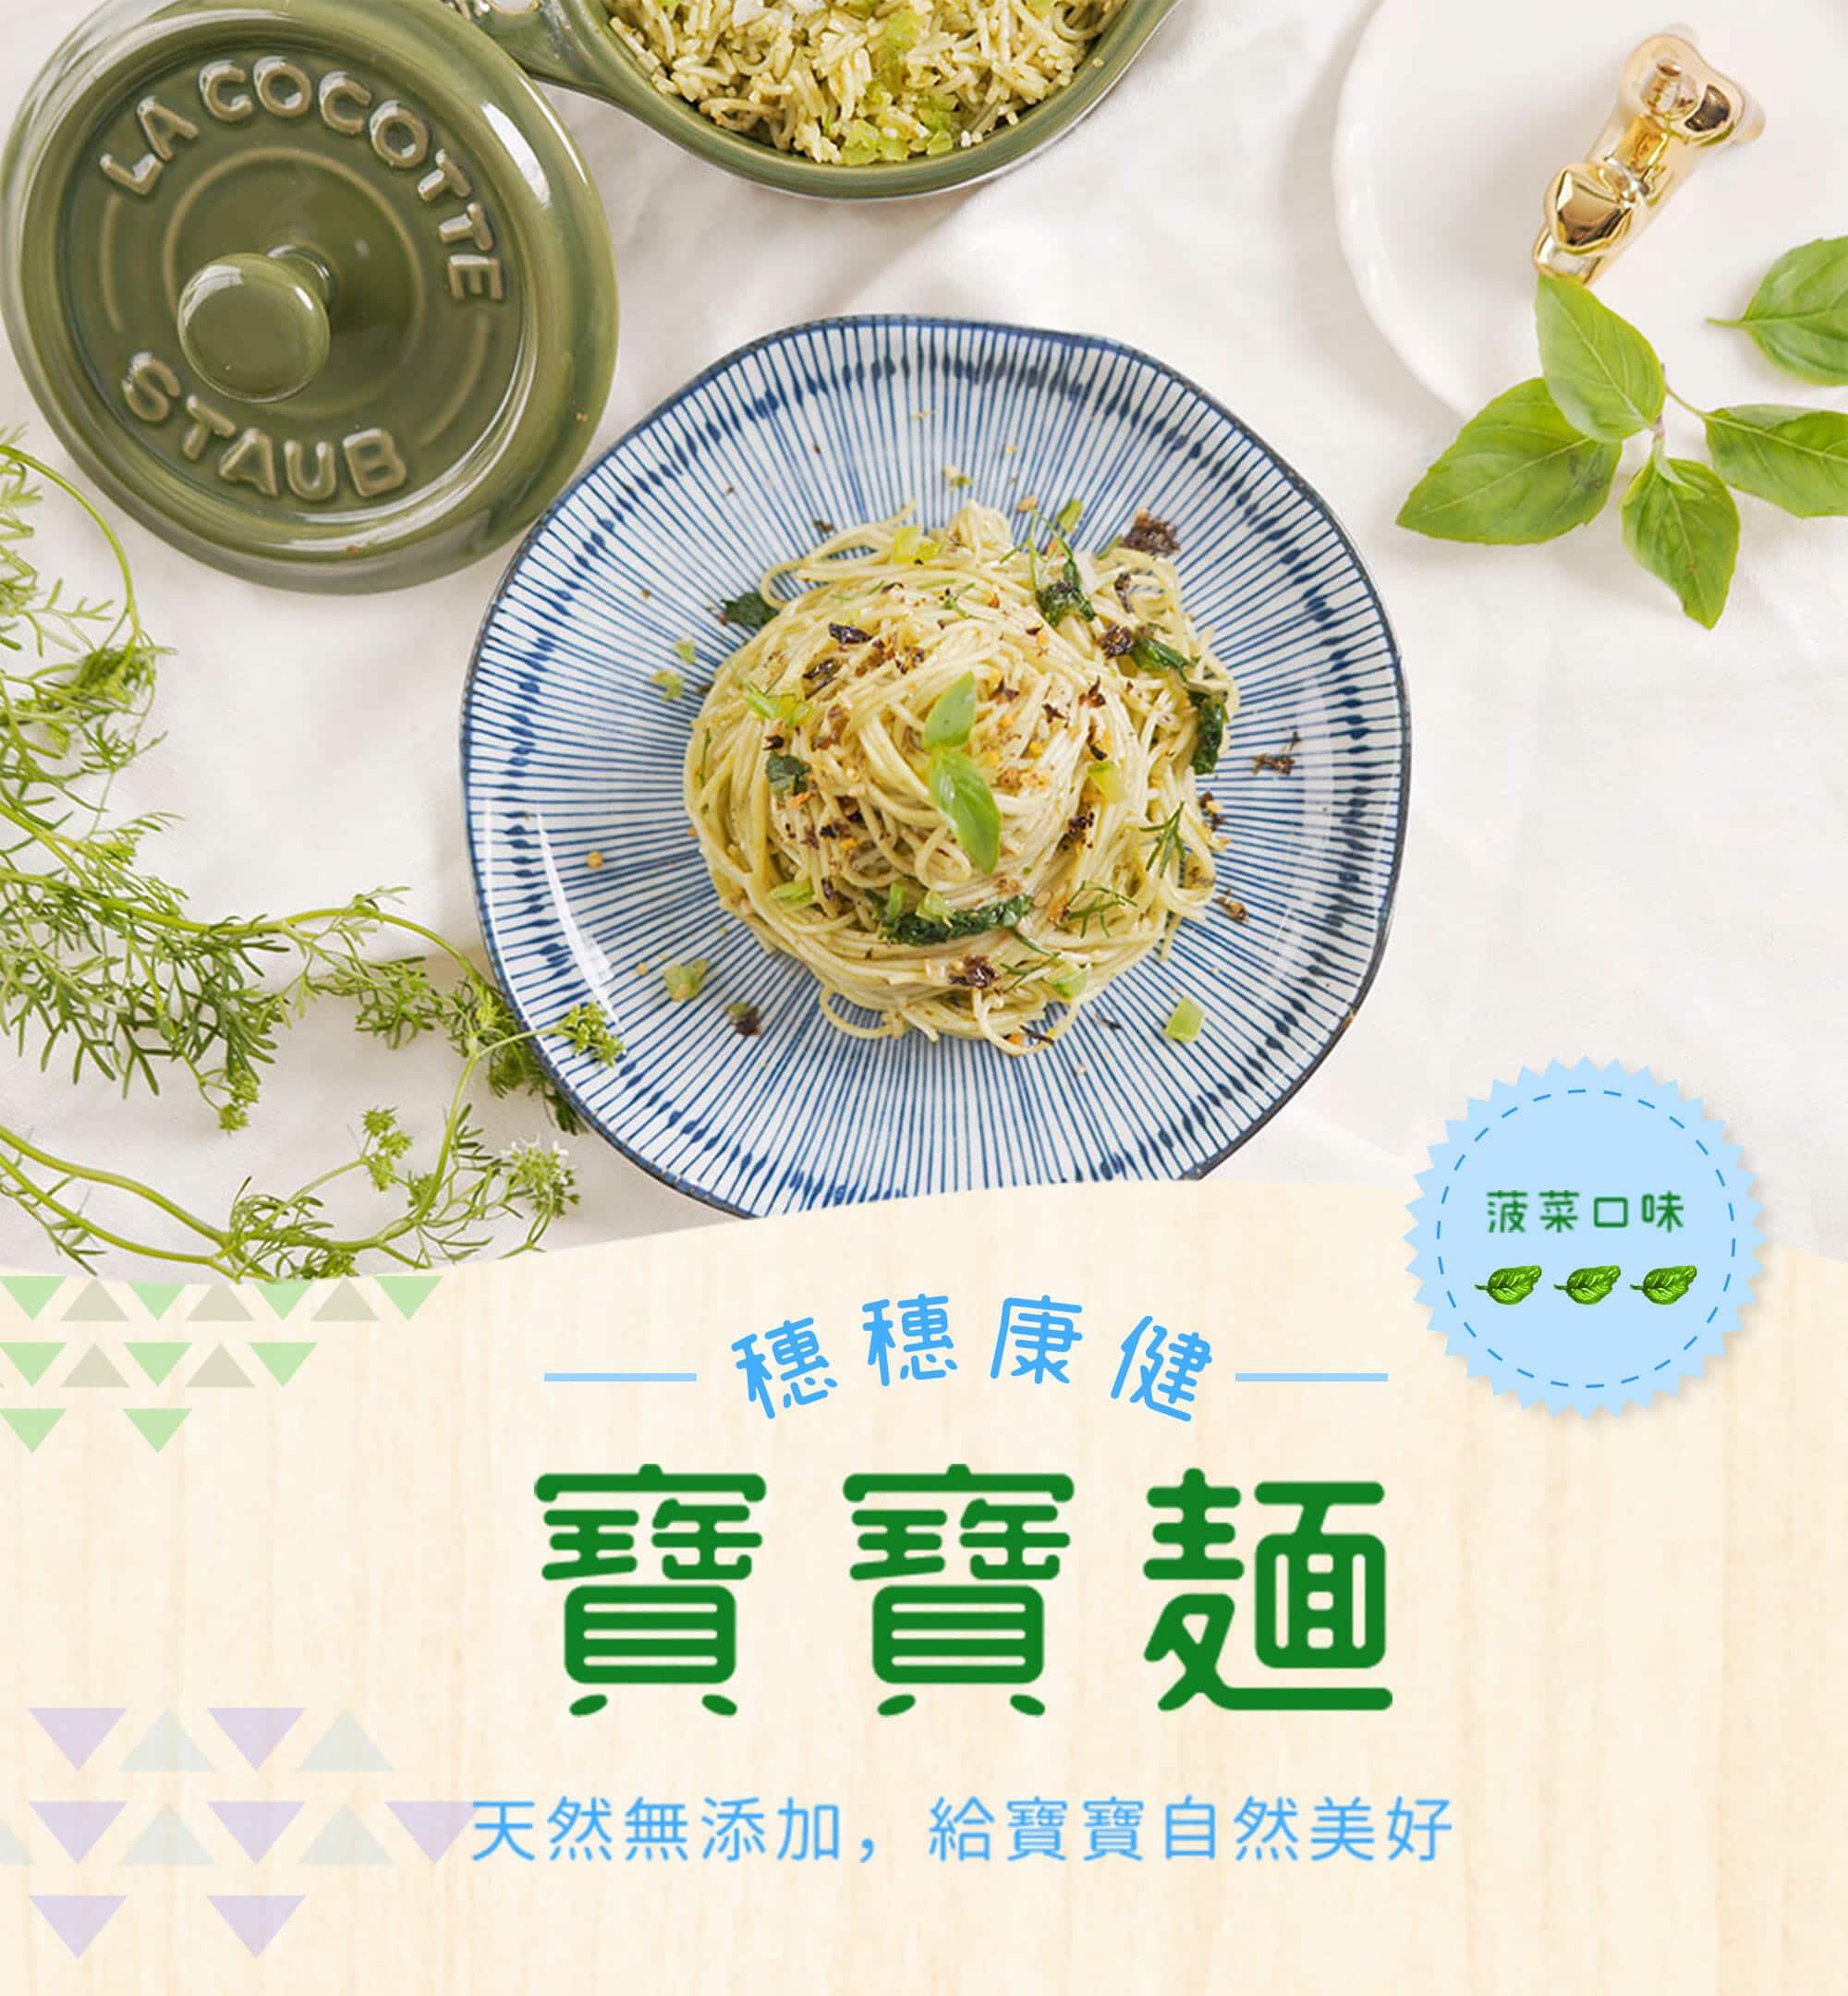 穗穗康健寶寶菠菜細麵,給嬰幼兒天然無添加的健康副食品